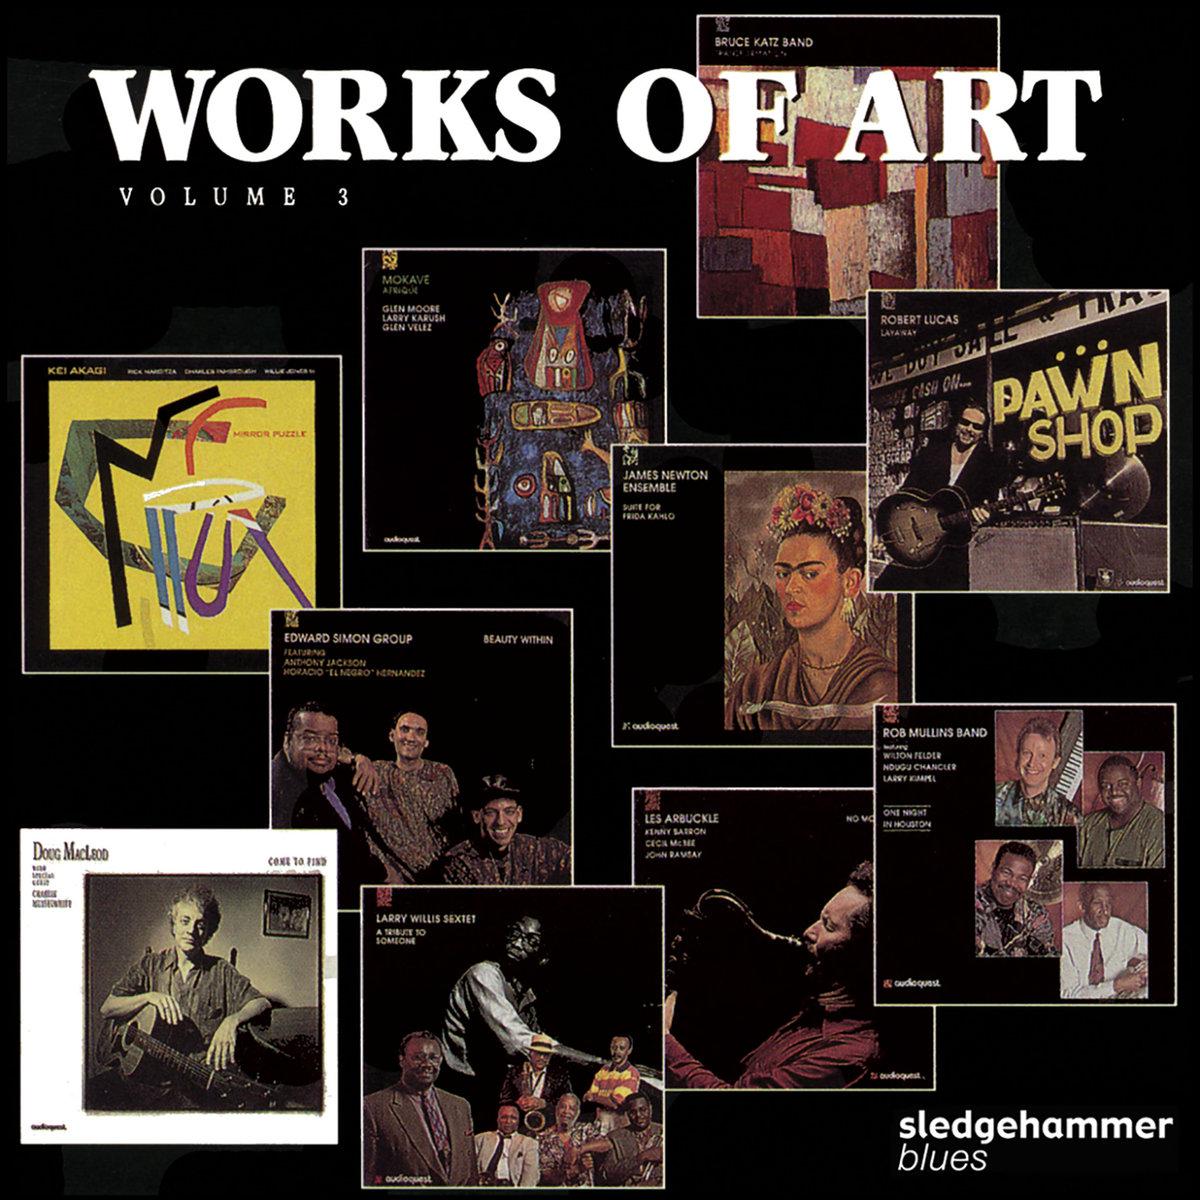 CD Work Of Art Volume 3